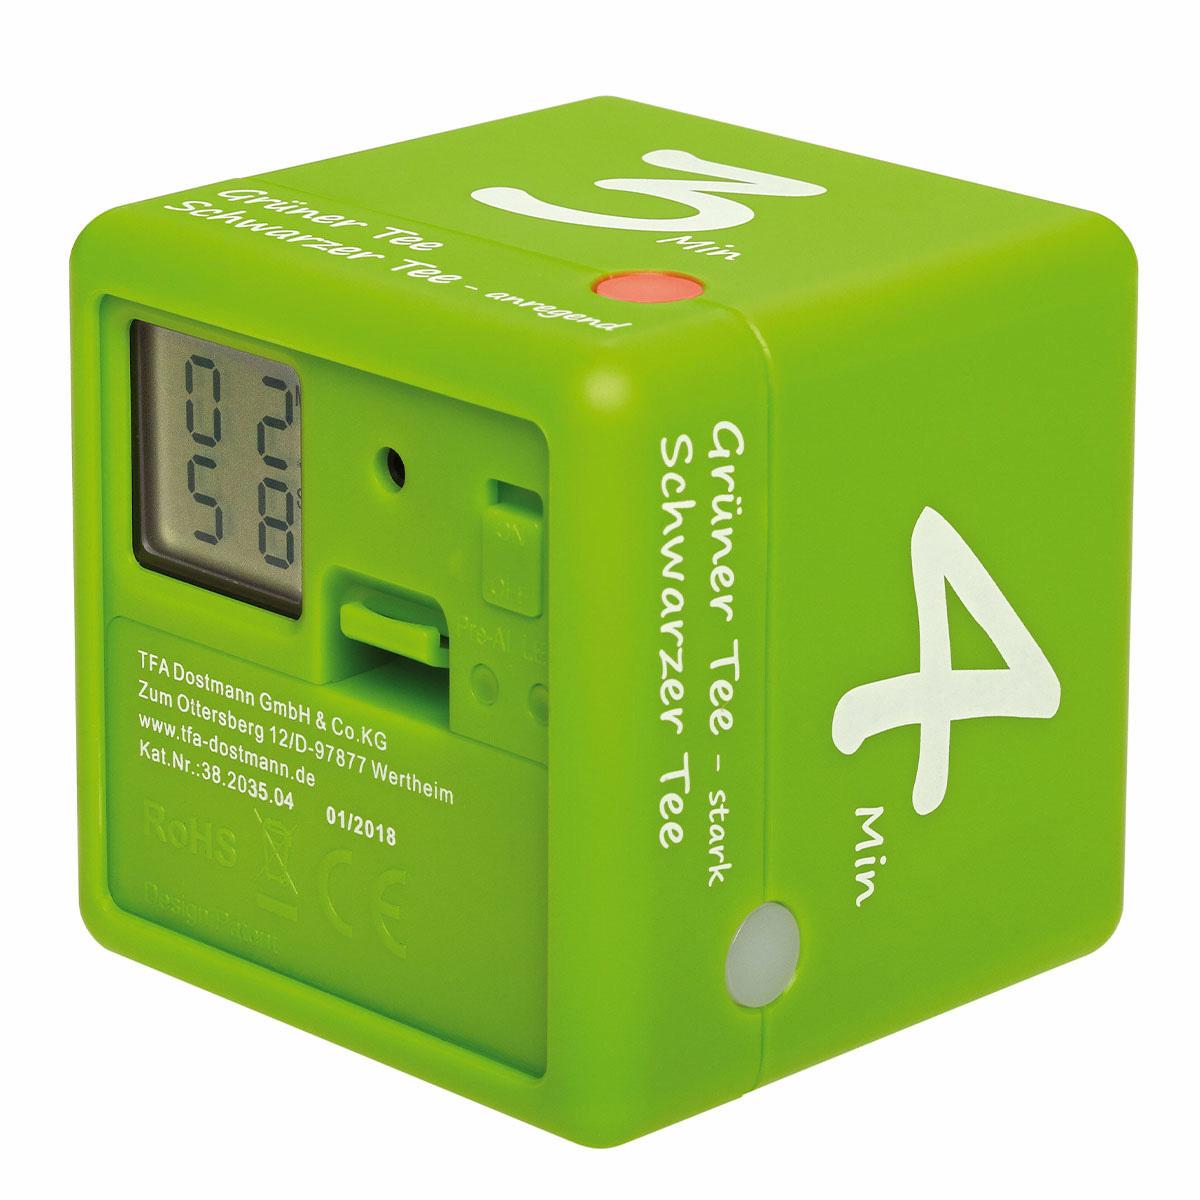 38-2035-04-digitaler-tee-timer-cube-timer-anwendung-1200x1200px.jpg